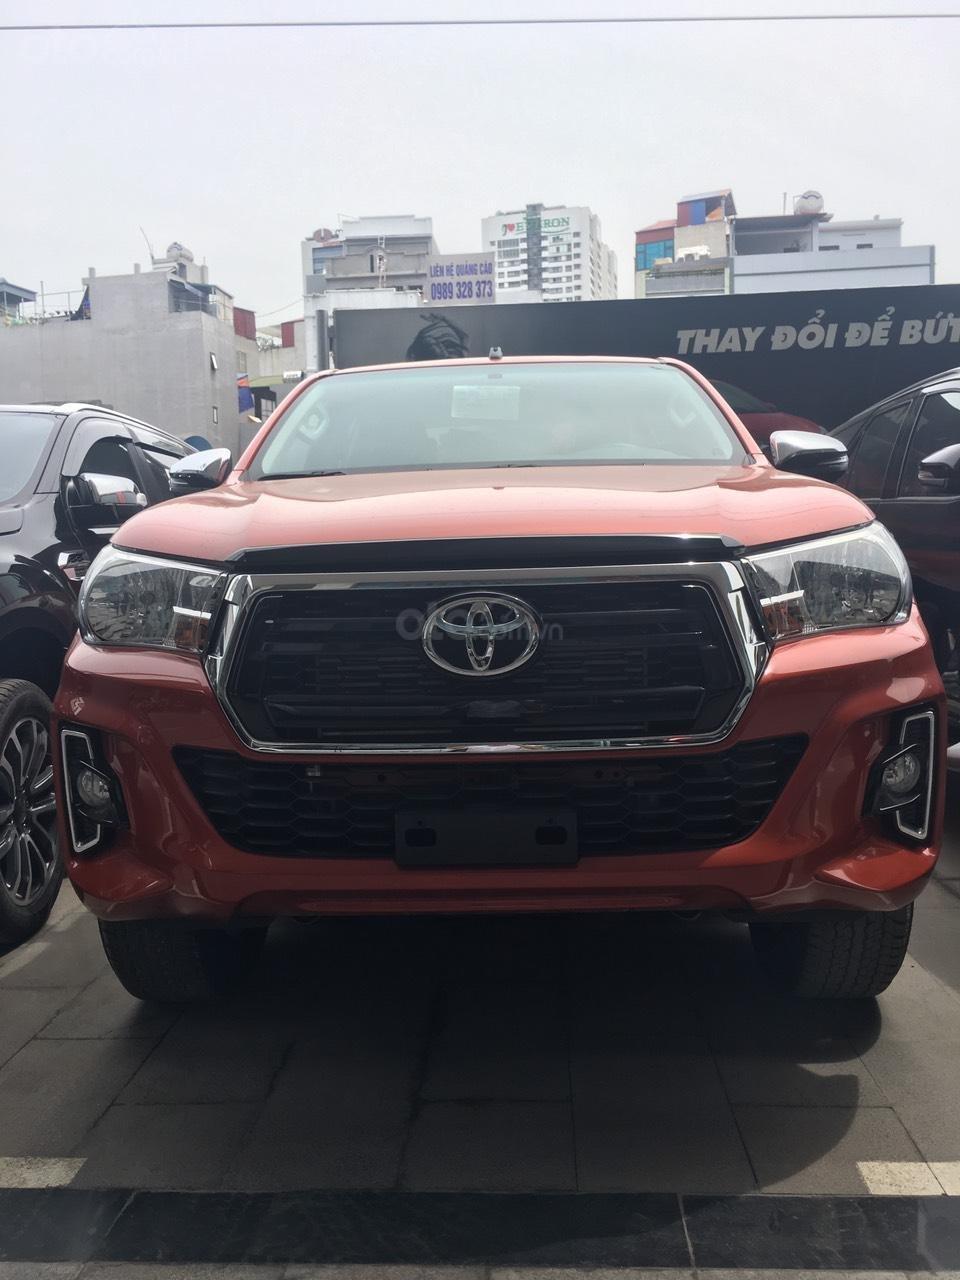 Toyota Hilux 2.4G AT 2019 giao ngay,giảm giá sốc,  giá cực kì tốt, hỗ trợ trả góp, LH ngay 0978835850 để ép giá (1)